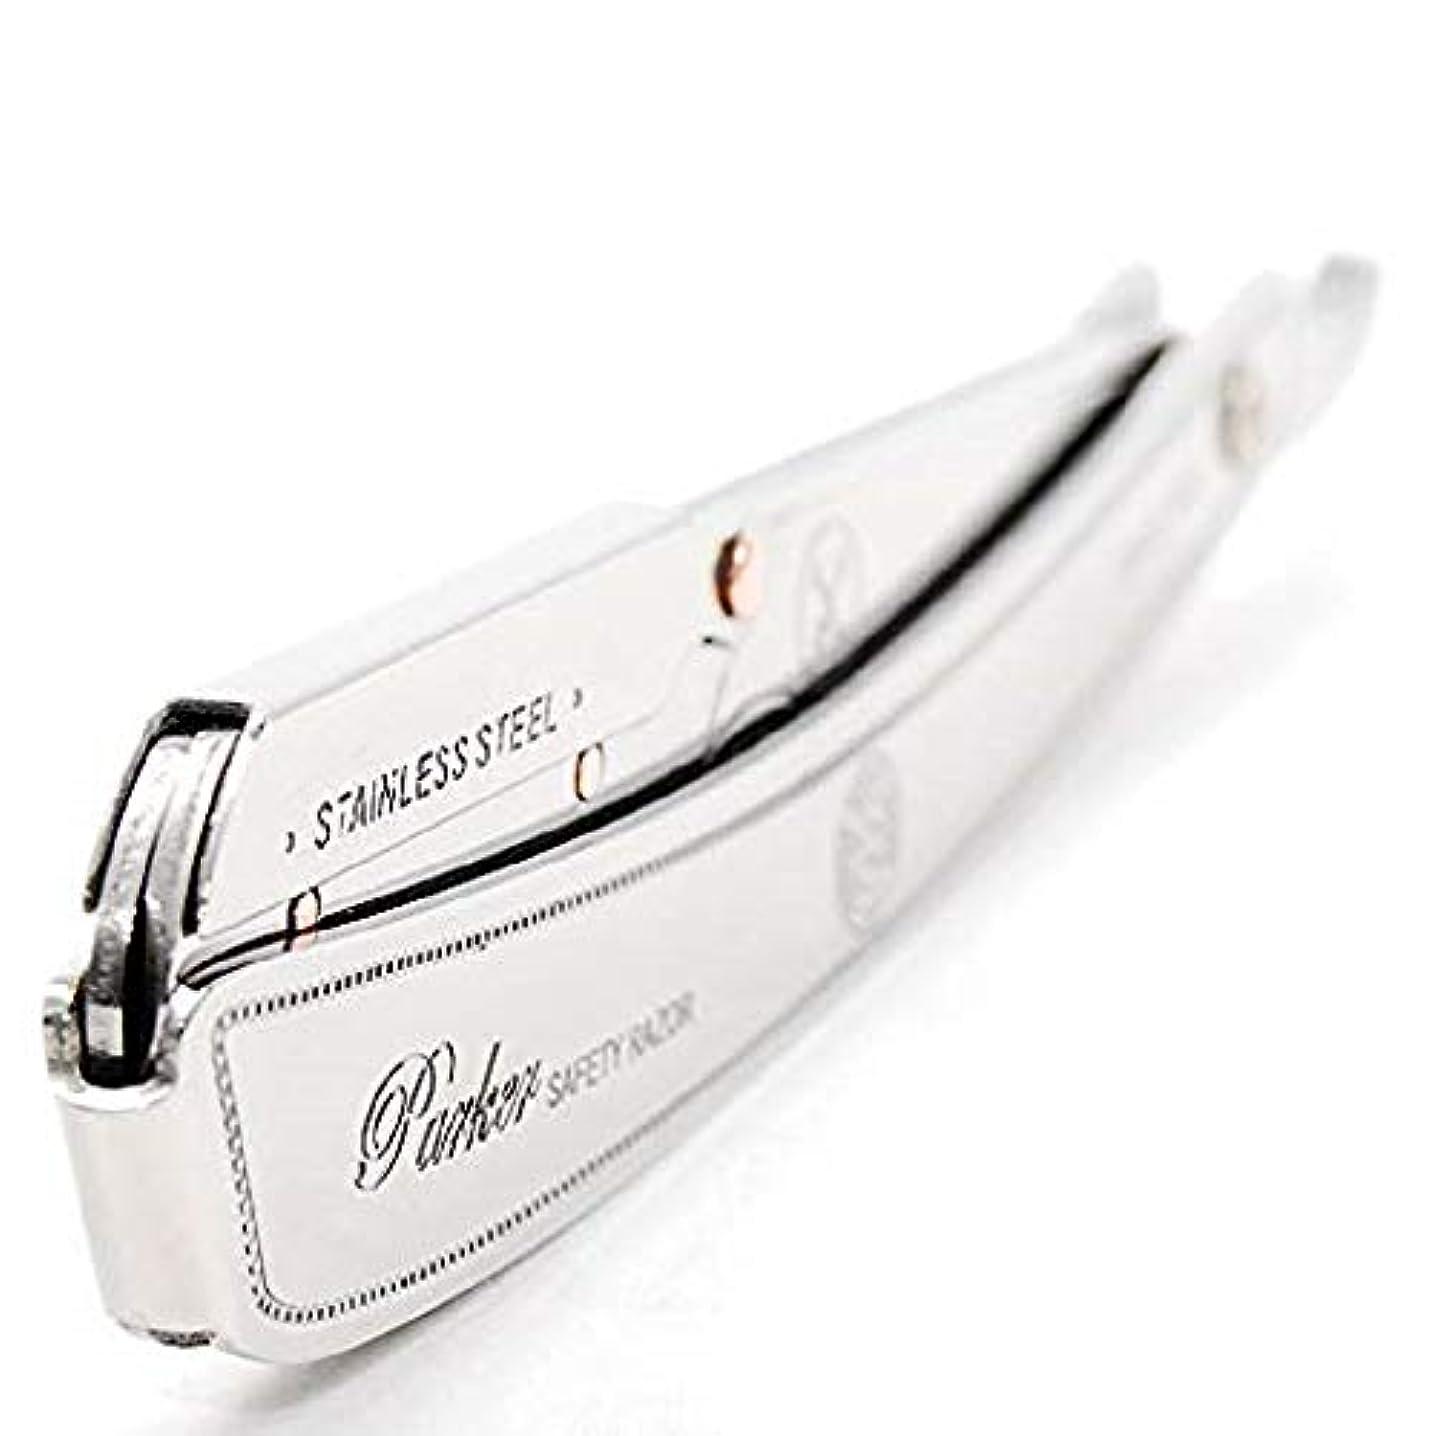 洞窟歴史的カプセルパーカー(Parker) SRX 剃刀 プロ用 替刃100枚、セーフティ替刃ゴミ箱の3点セット [並行輸入品]